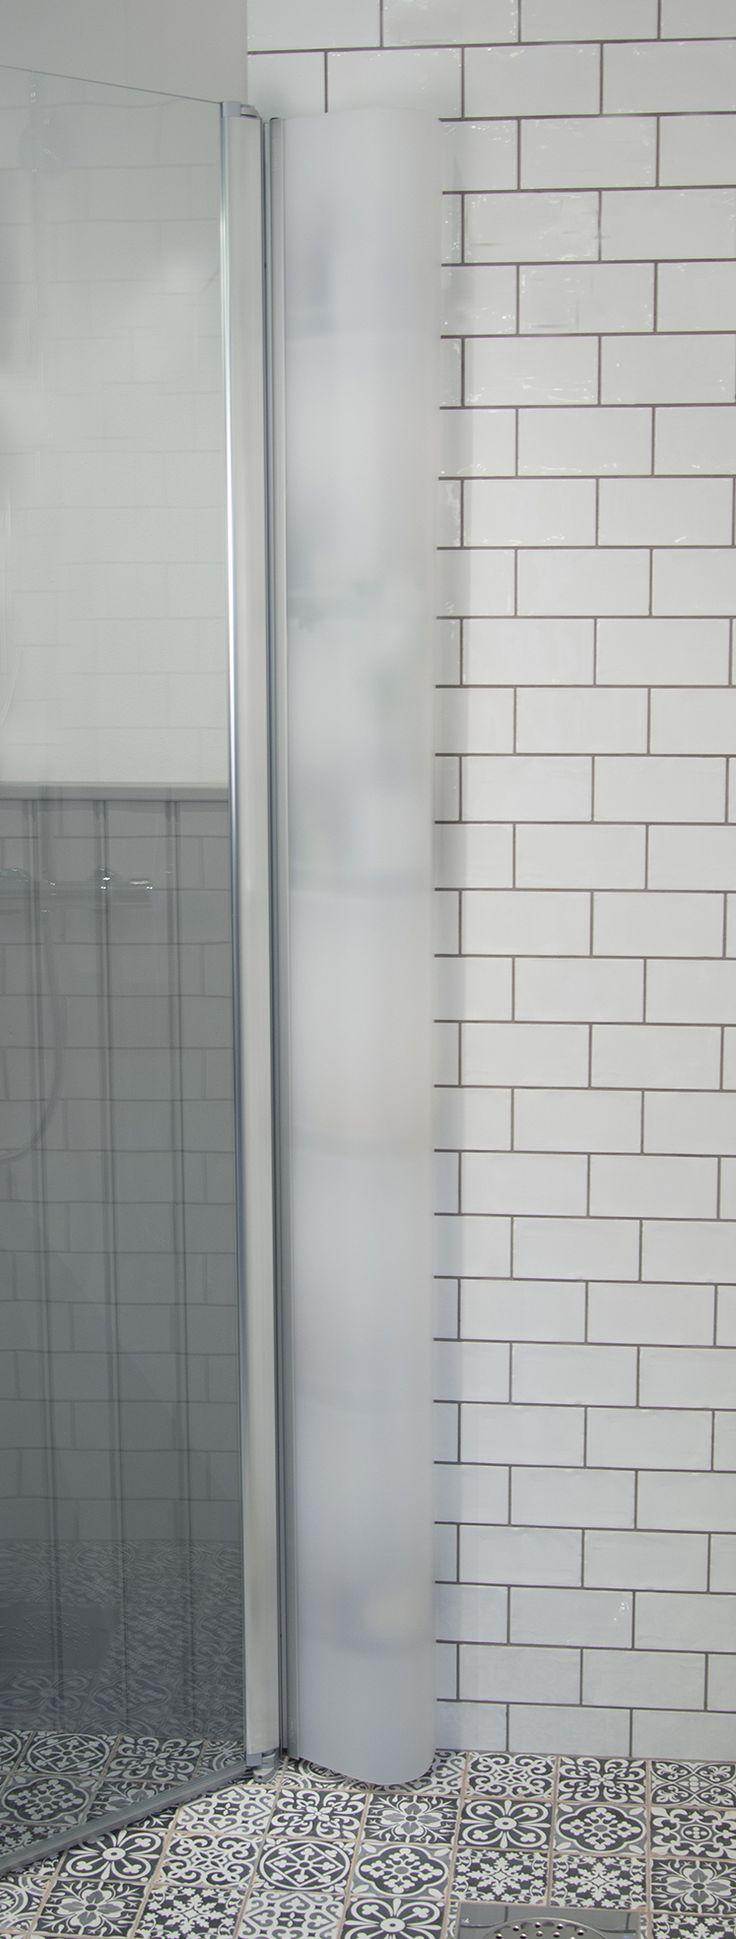 Skagen Rack® har en vacker dörr i frostad opal akrylplast döljer effektivt dina duschprodukter. Duschutrymmet förblir snyggt och städat med dold förvaring!